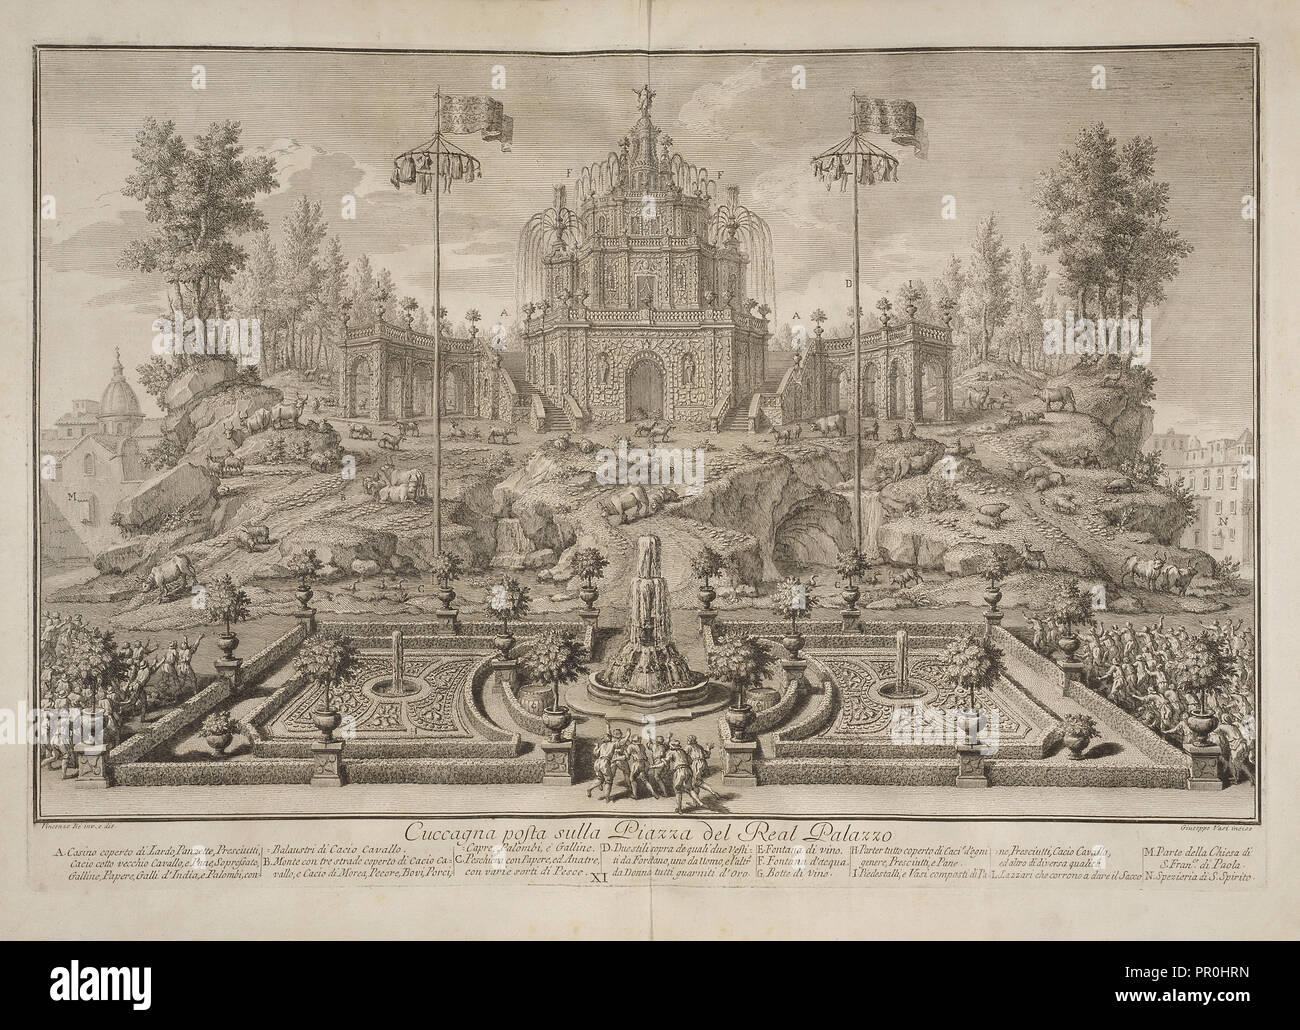 Cuccagna posta sulla piazza del real palazzo, Narrazione delle solenni reali feste: fatte celebrare in Napoli da Sua Maestà - Stock Image